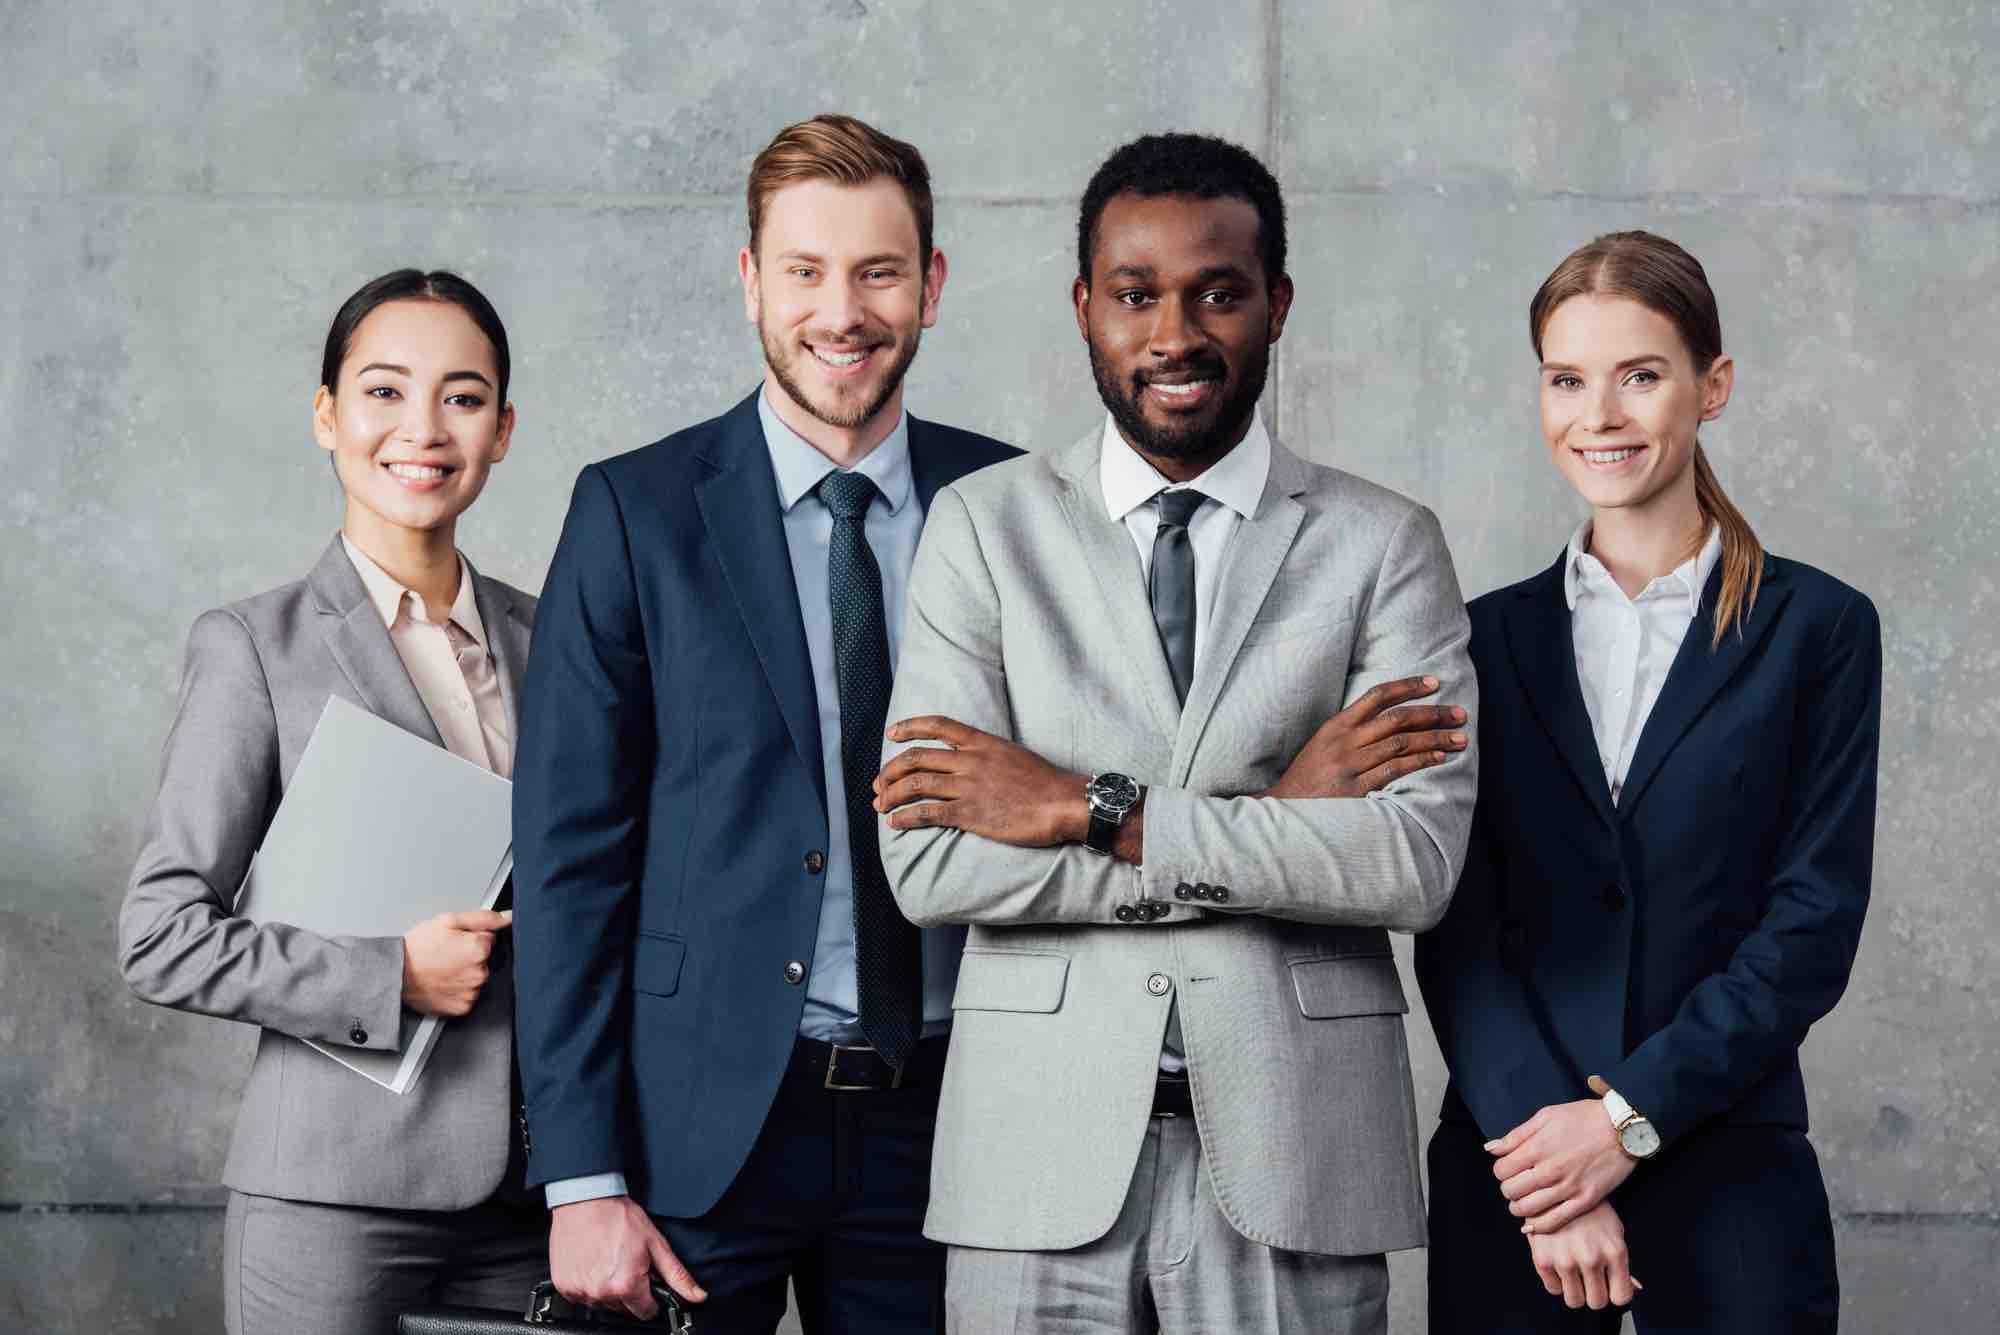 Bewerbung für Führungskräfte